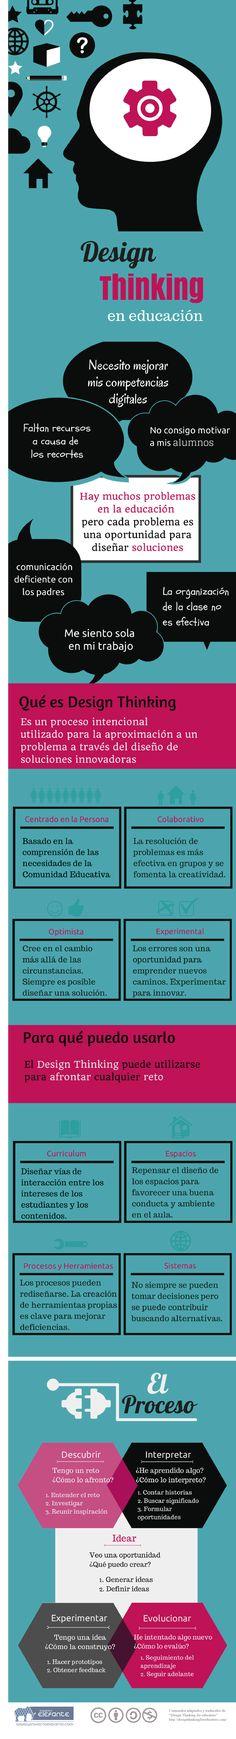 ¿Qué es Design Thinking?. Infografía. #CREA_INTEF - Procomún